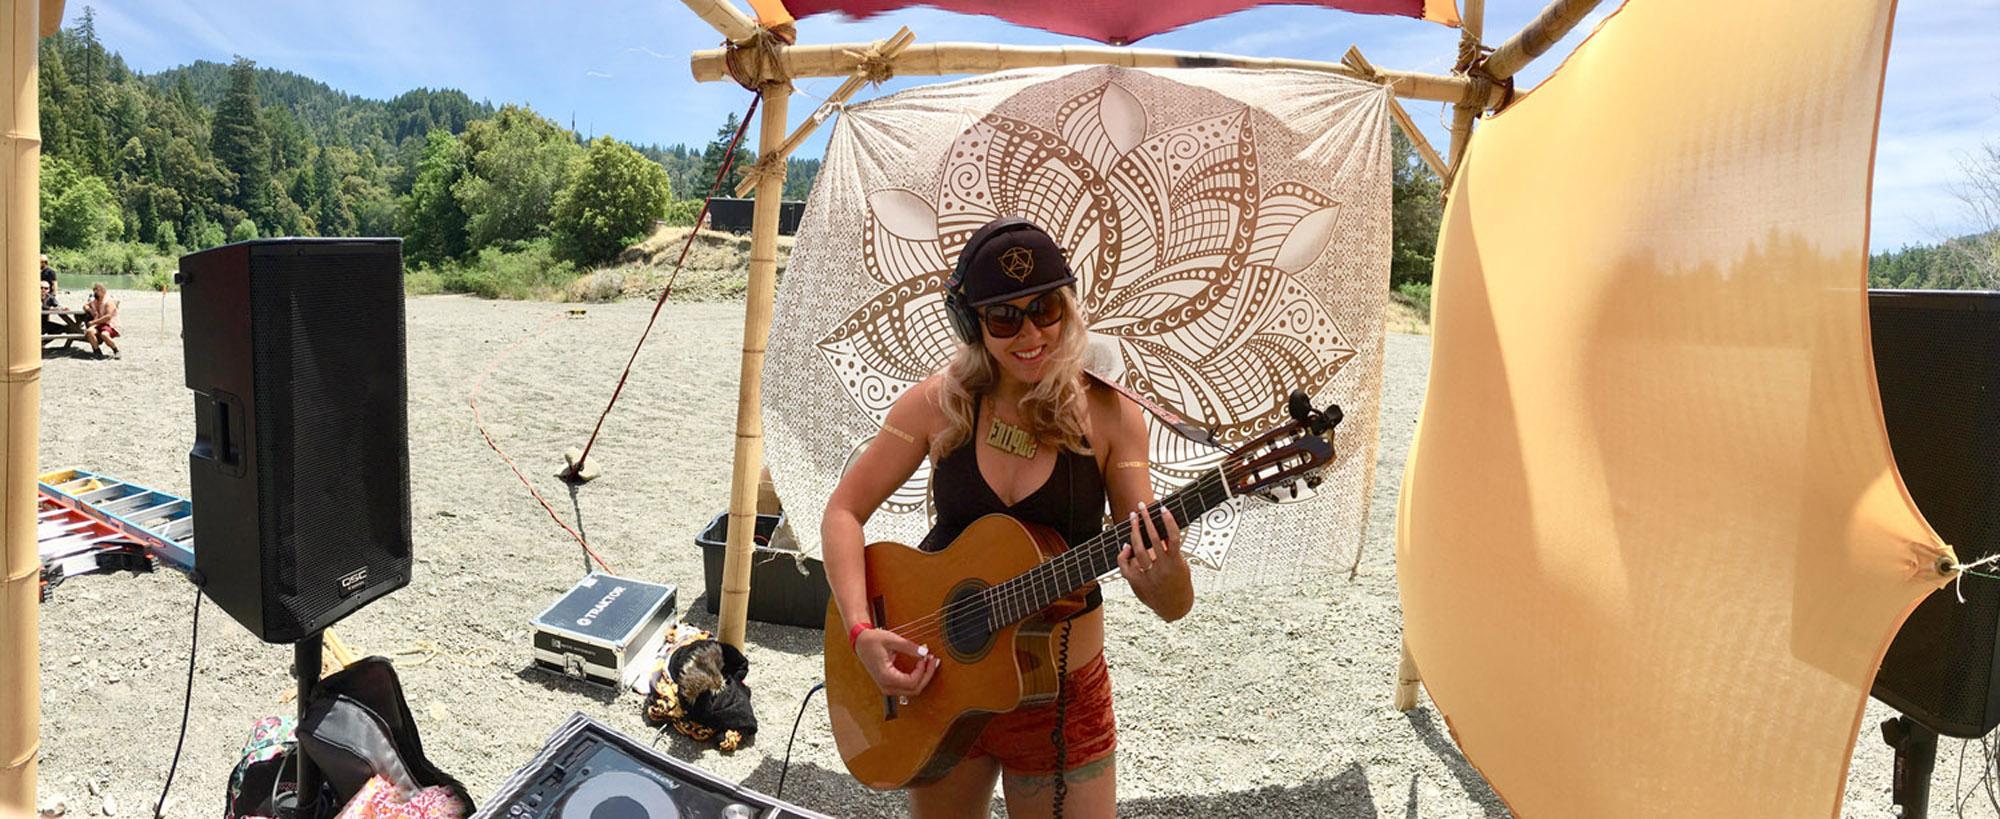 DJCeleste_Guitar_StarVibesMusicFestival.jpg